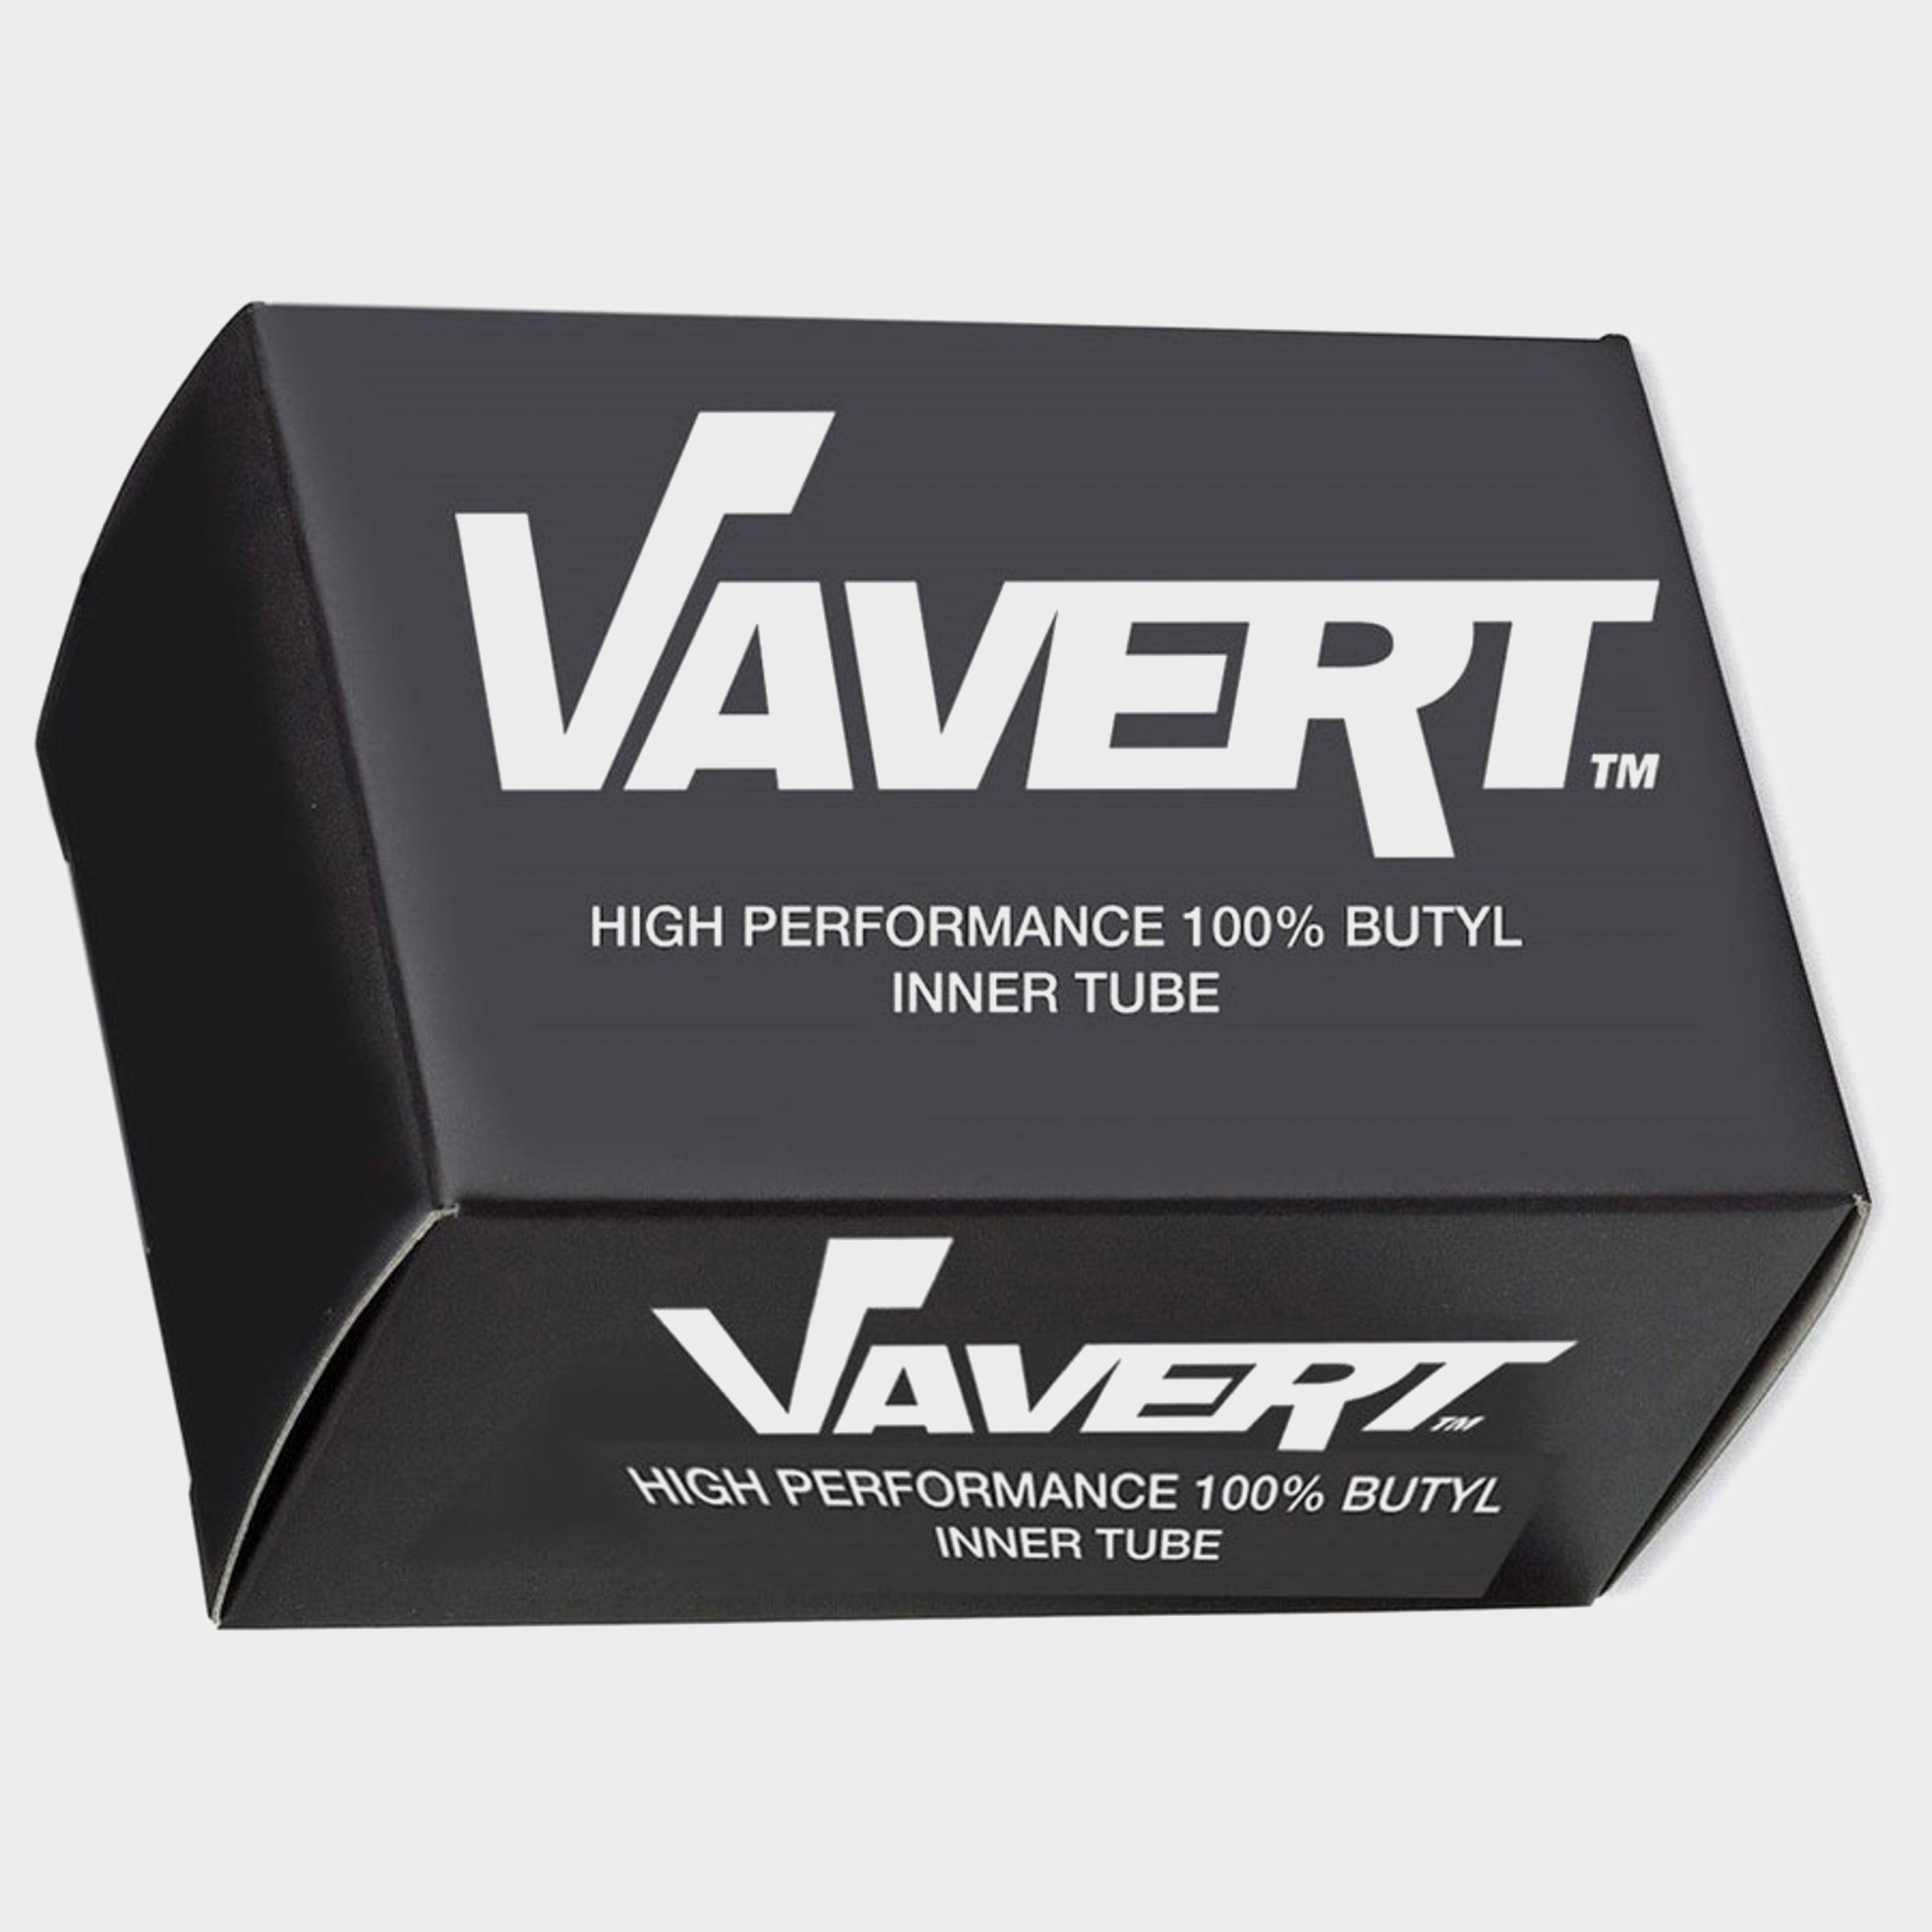 Vavert 24 X 1.75/2.1 Schrader (40mm) Innertube - Black/4  Black/4